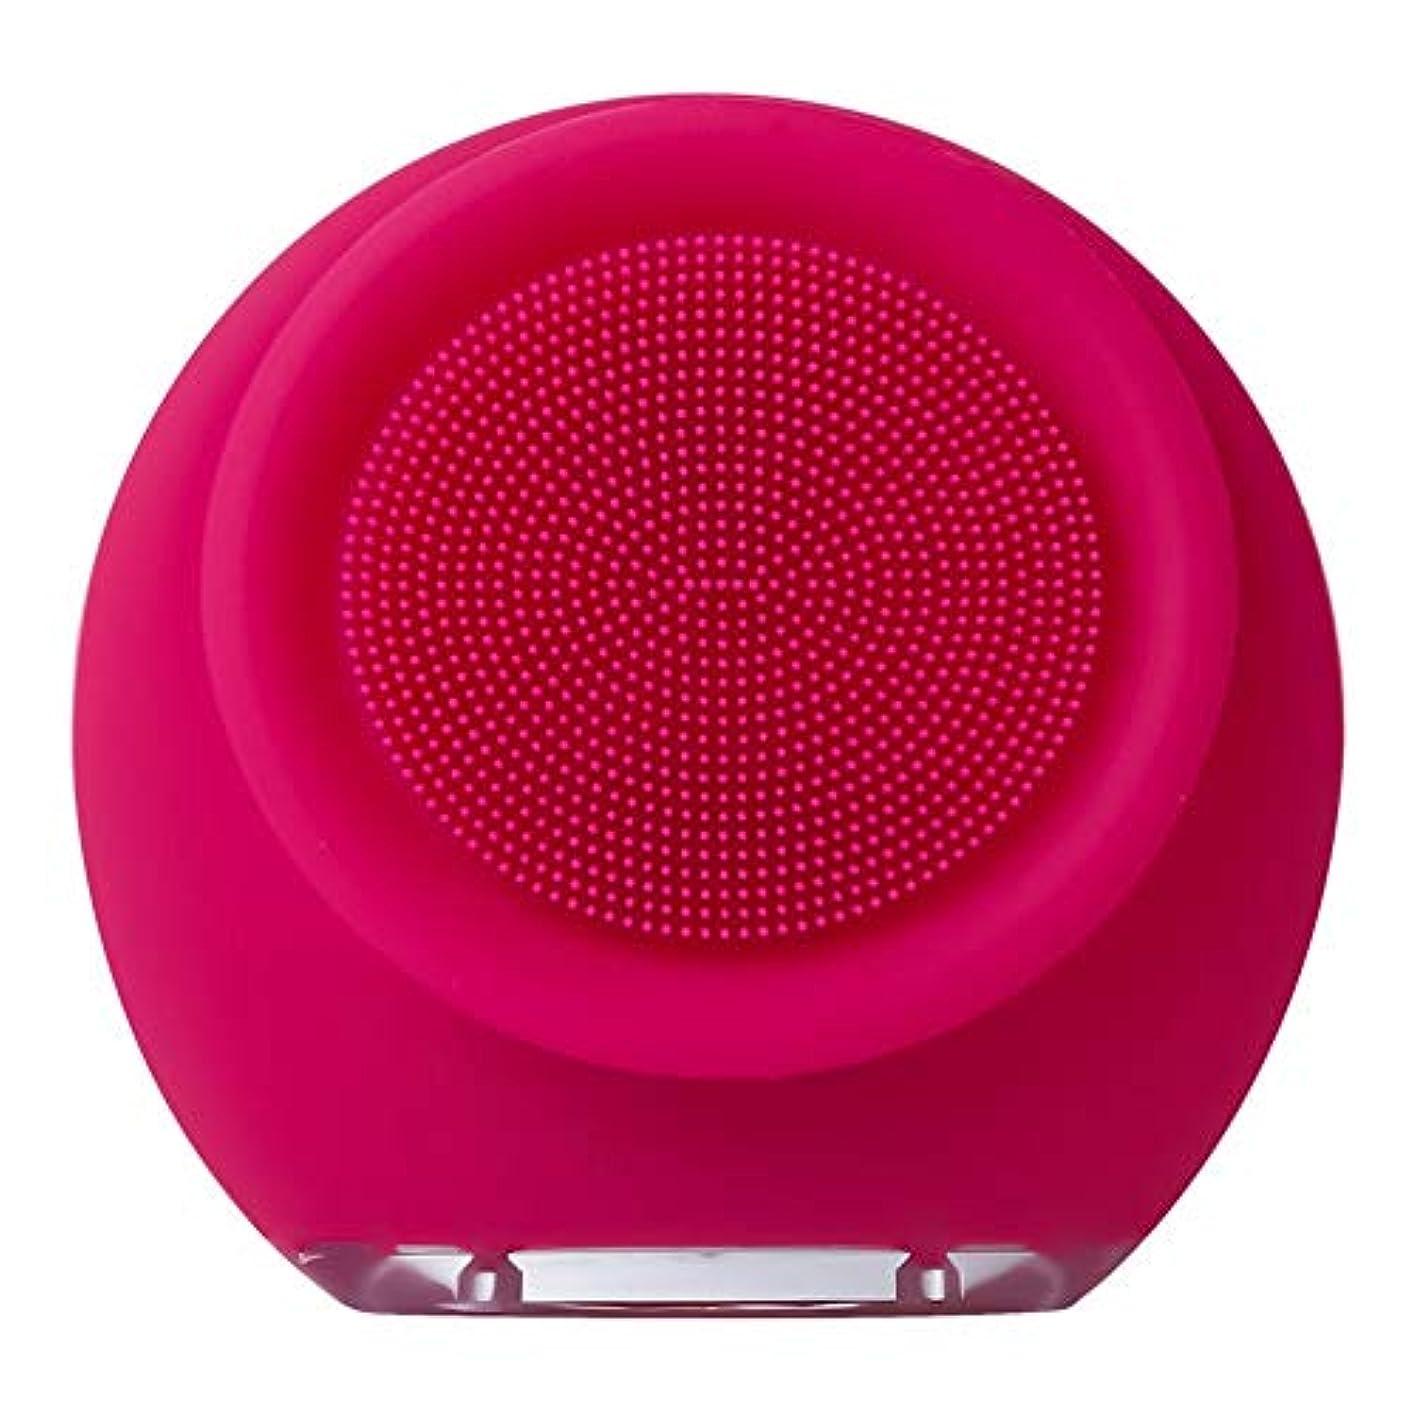 のために影のある関与するZHILI フェイスクリーナー防水電動フェイスクレンザーシリコンフェイシャルブラシマッサージャー削除肌にきびにきび毛穴美容ツール (Color : Pink2)